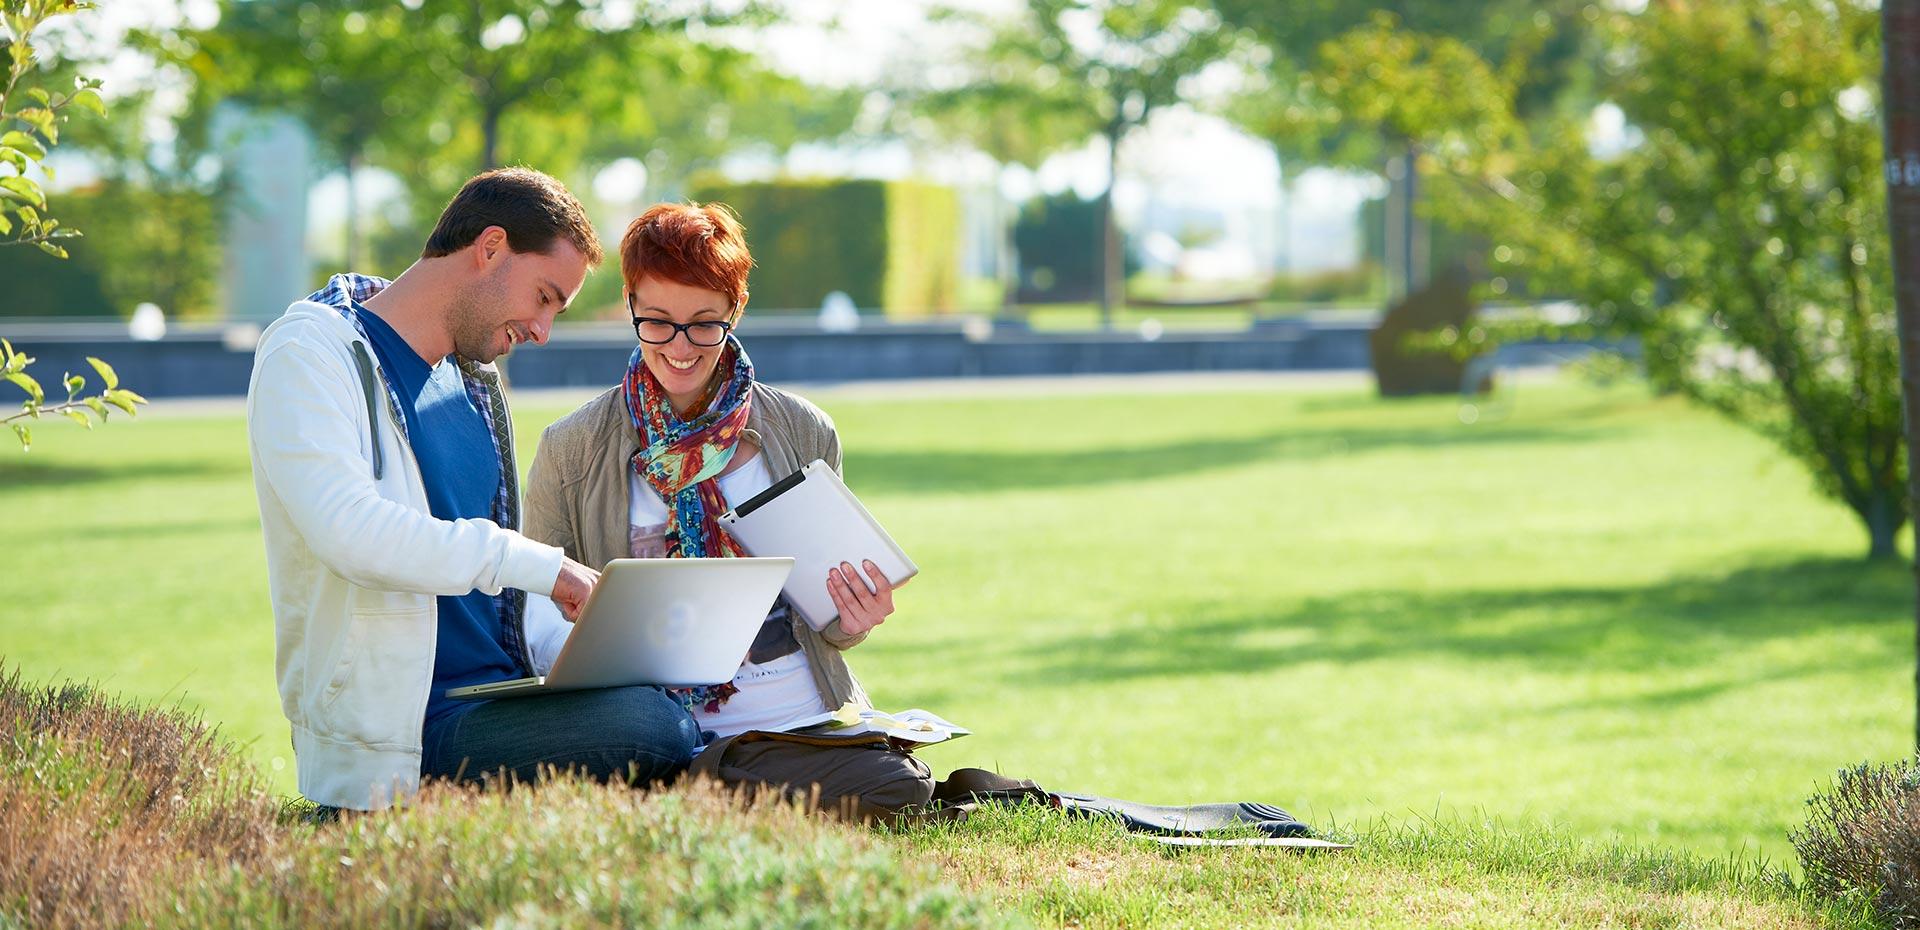 Junger Mann und junge Frau mit Laptop und Tablet